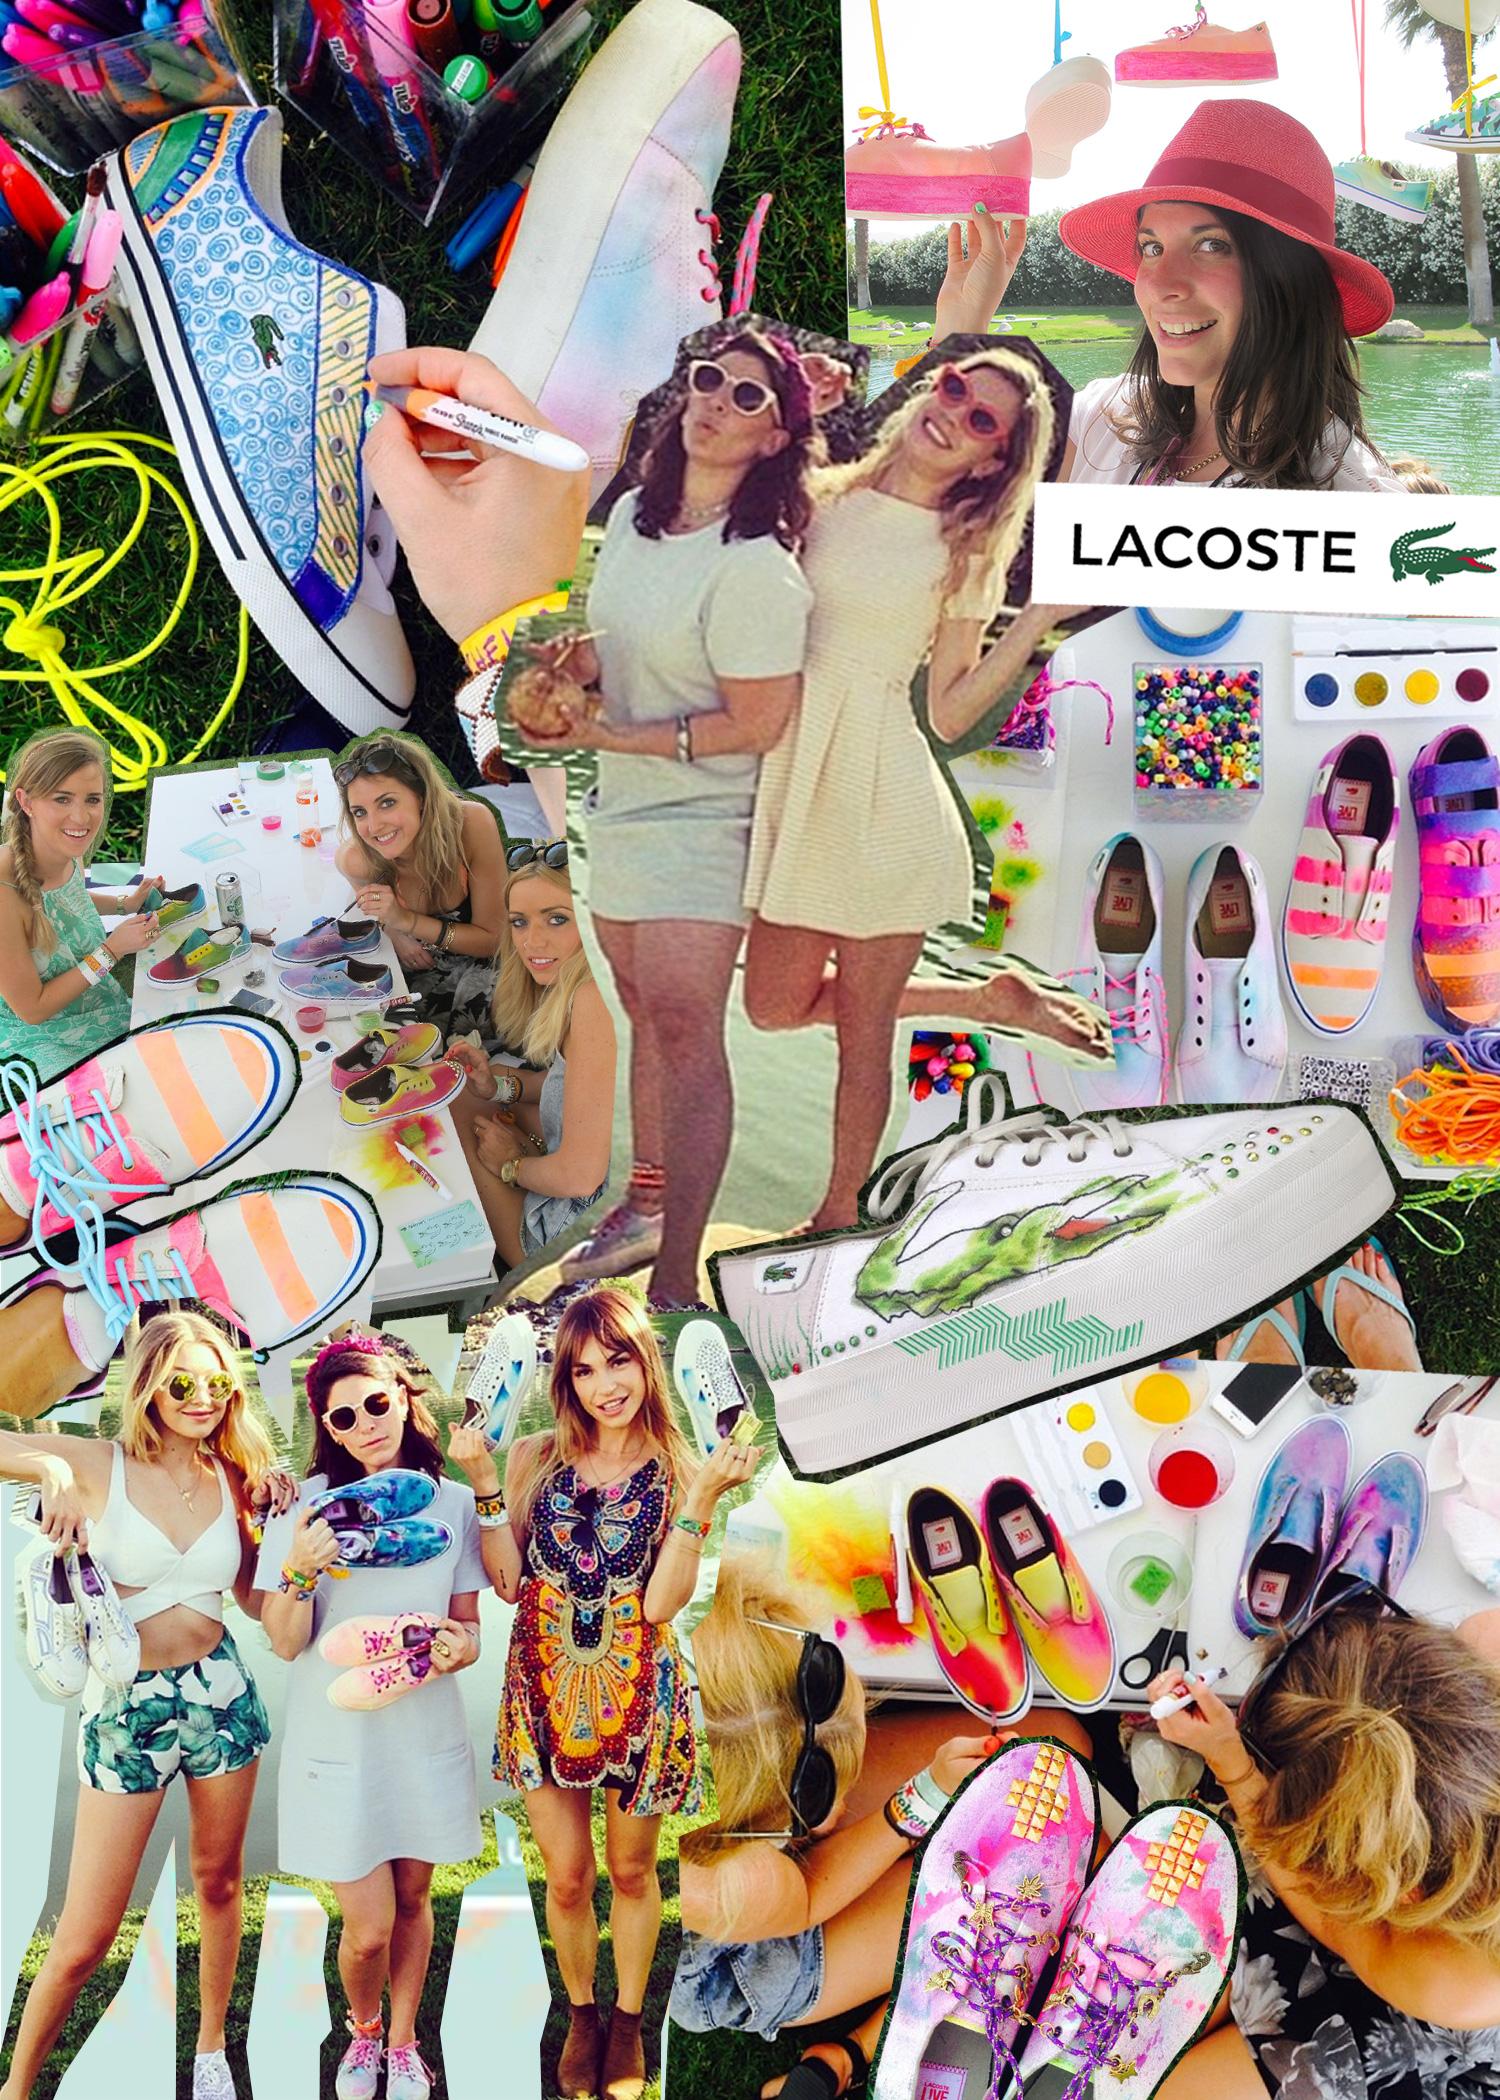 bts_lacoste2